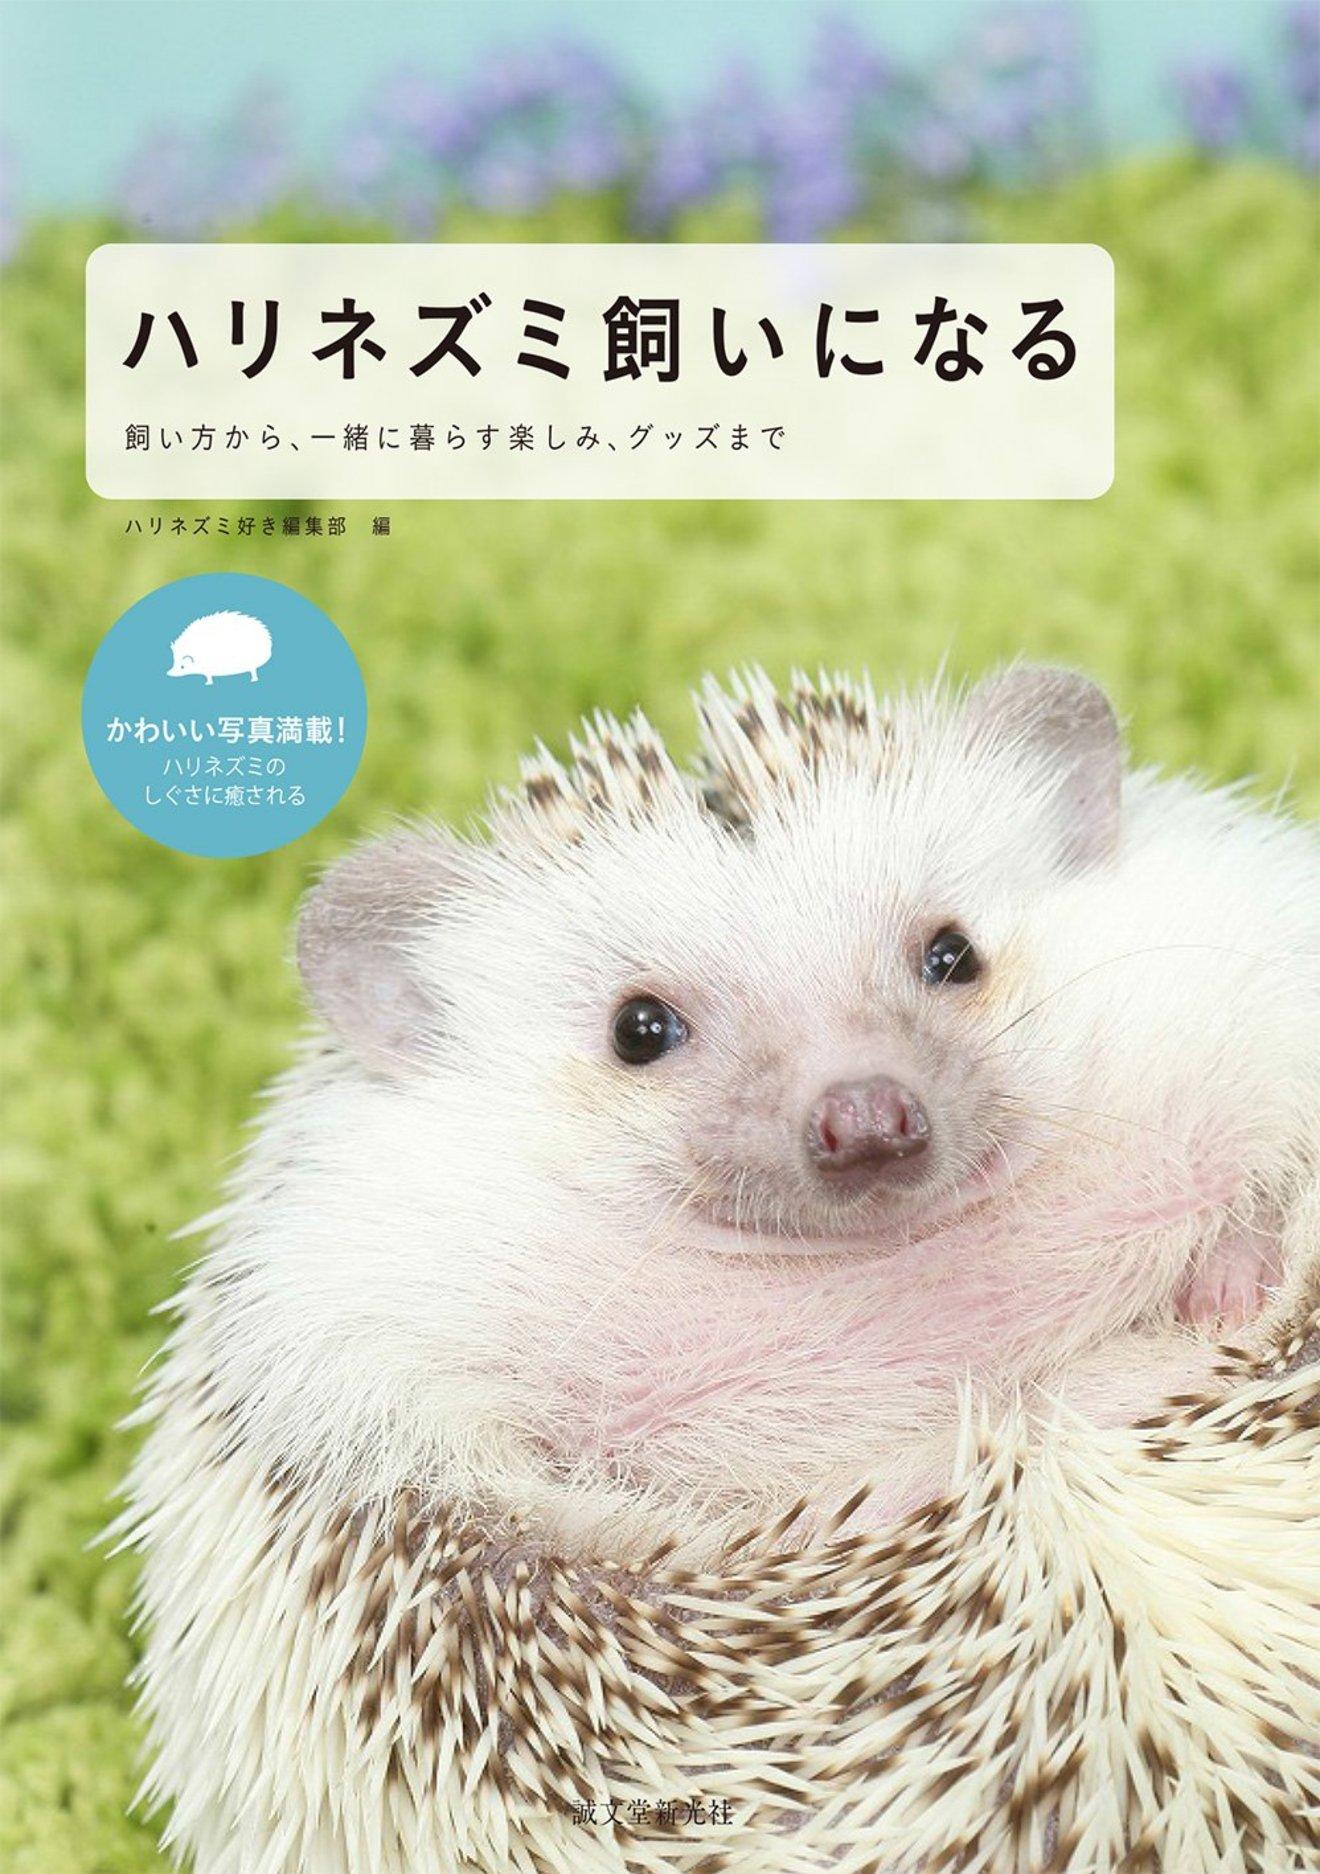 ハリネズミの飼育方法を紹介!基本から注意点、おすすめ本まで